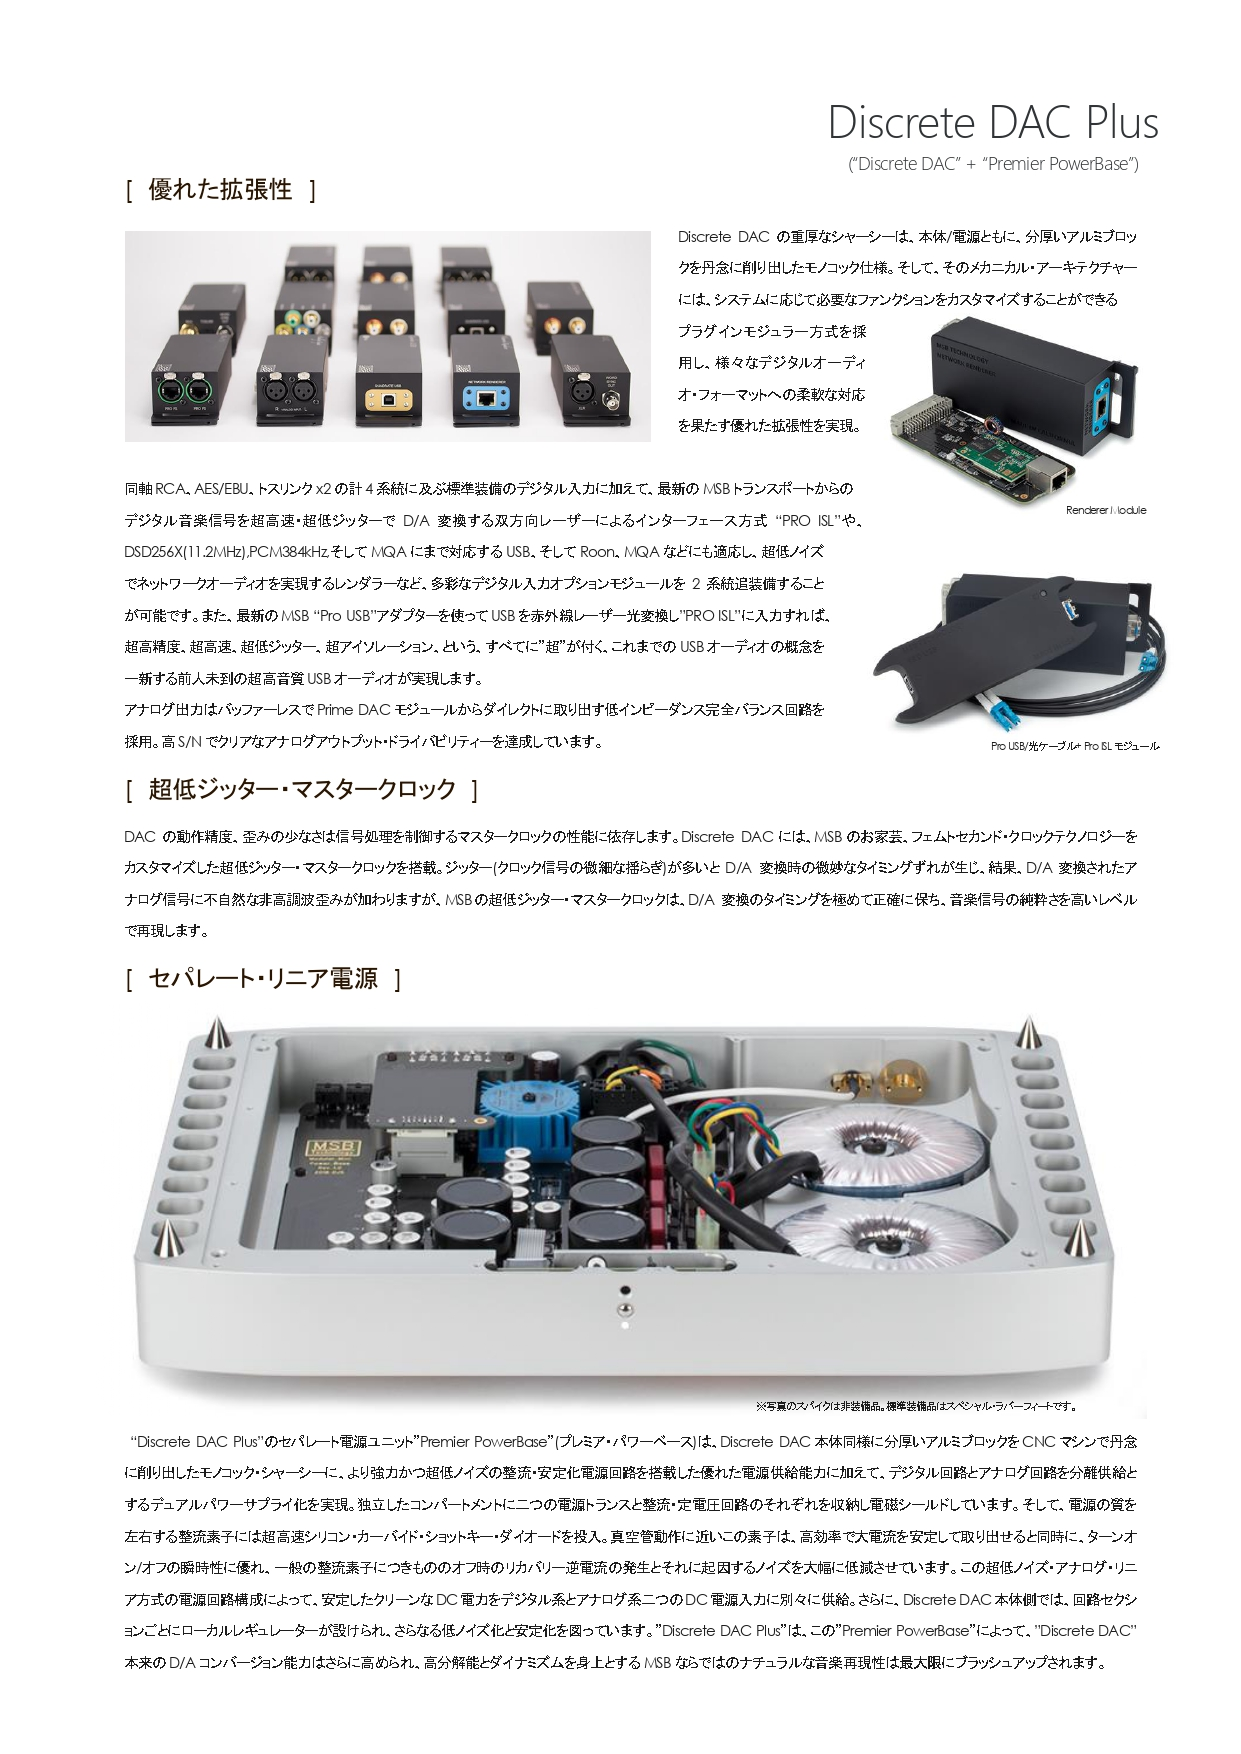 新製品案内_MSB_DiscreteDAC-Plus_page-0004